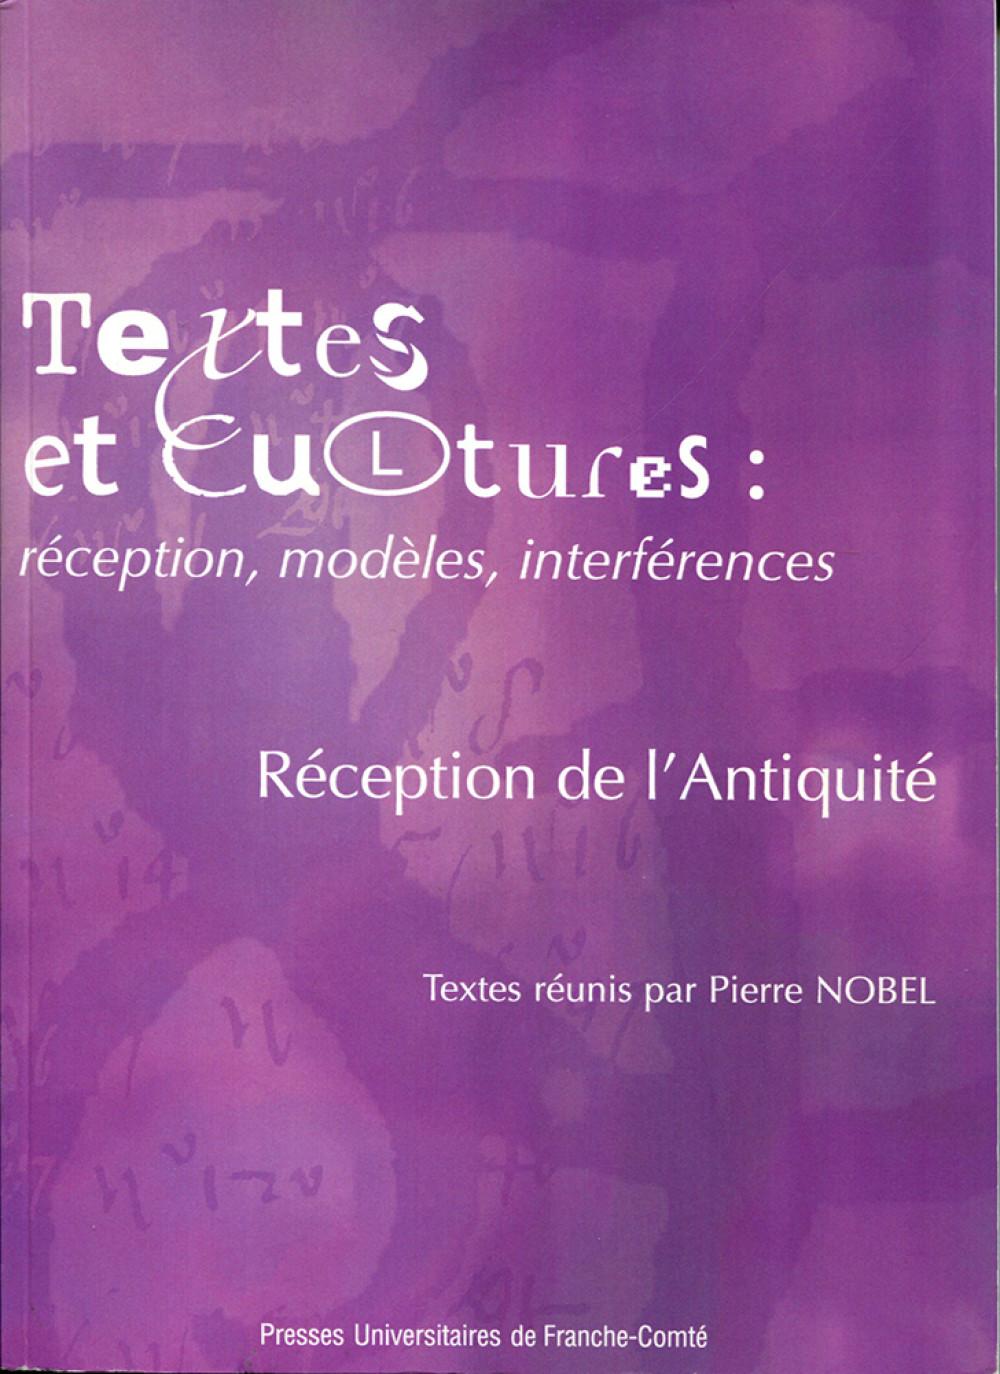 Textes et cultures : réception, modèles, interférences. Réception de l'Antiquité